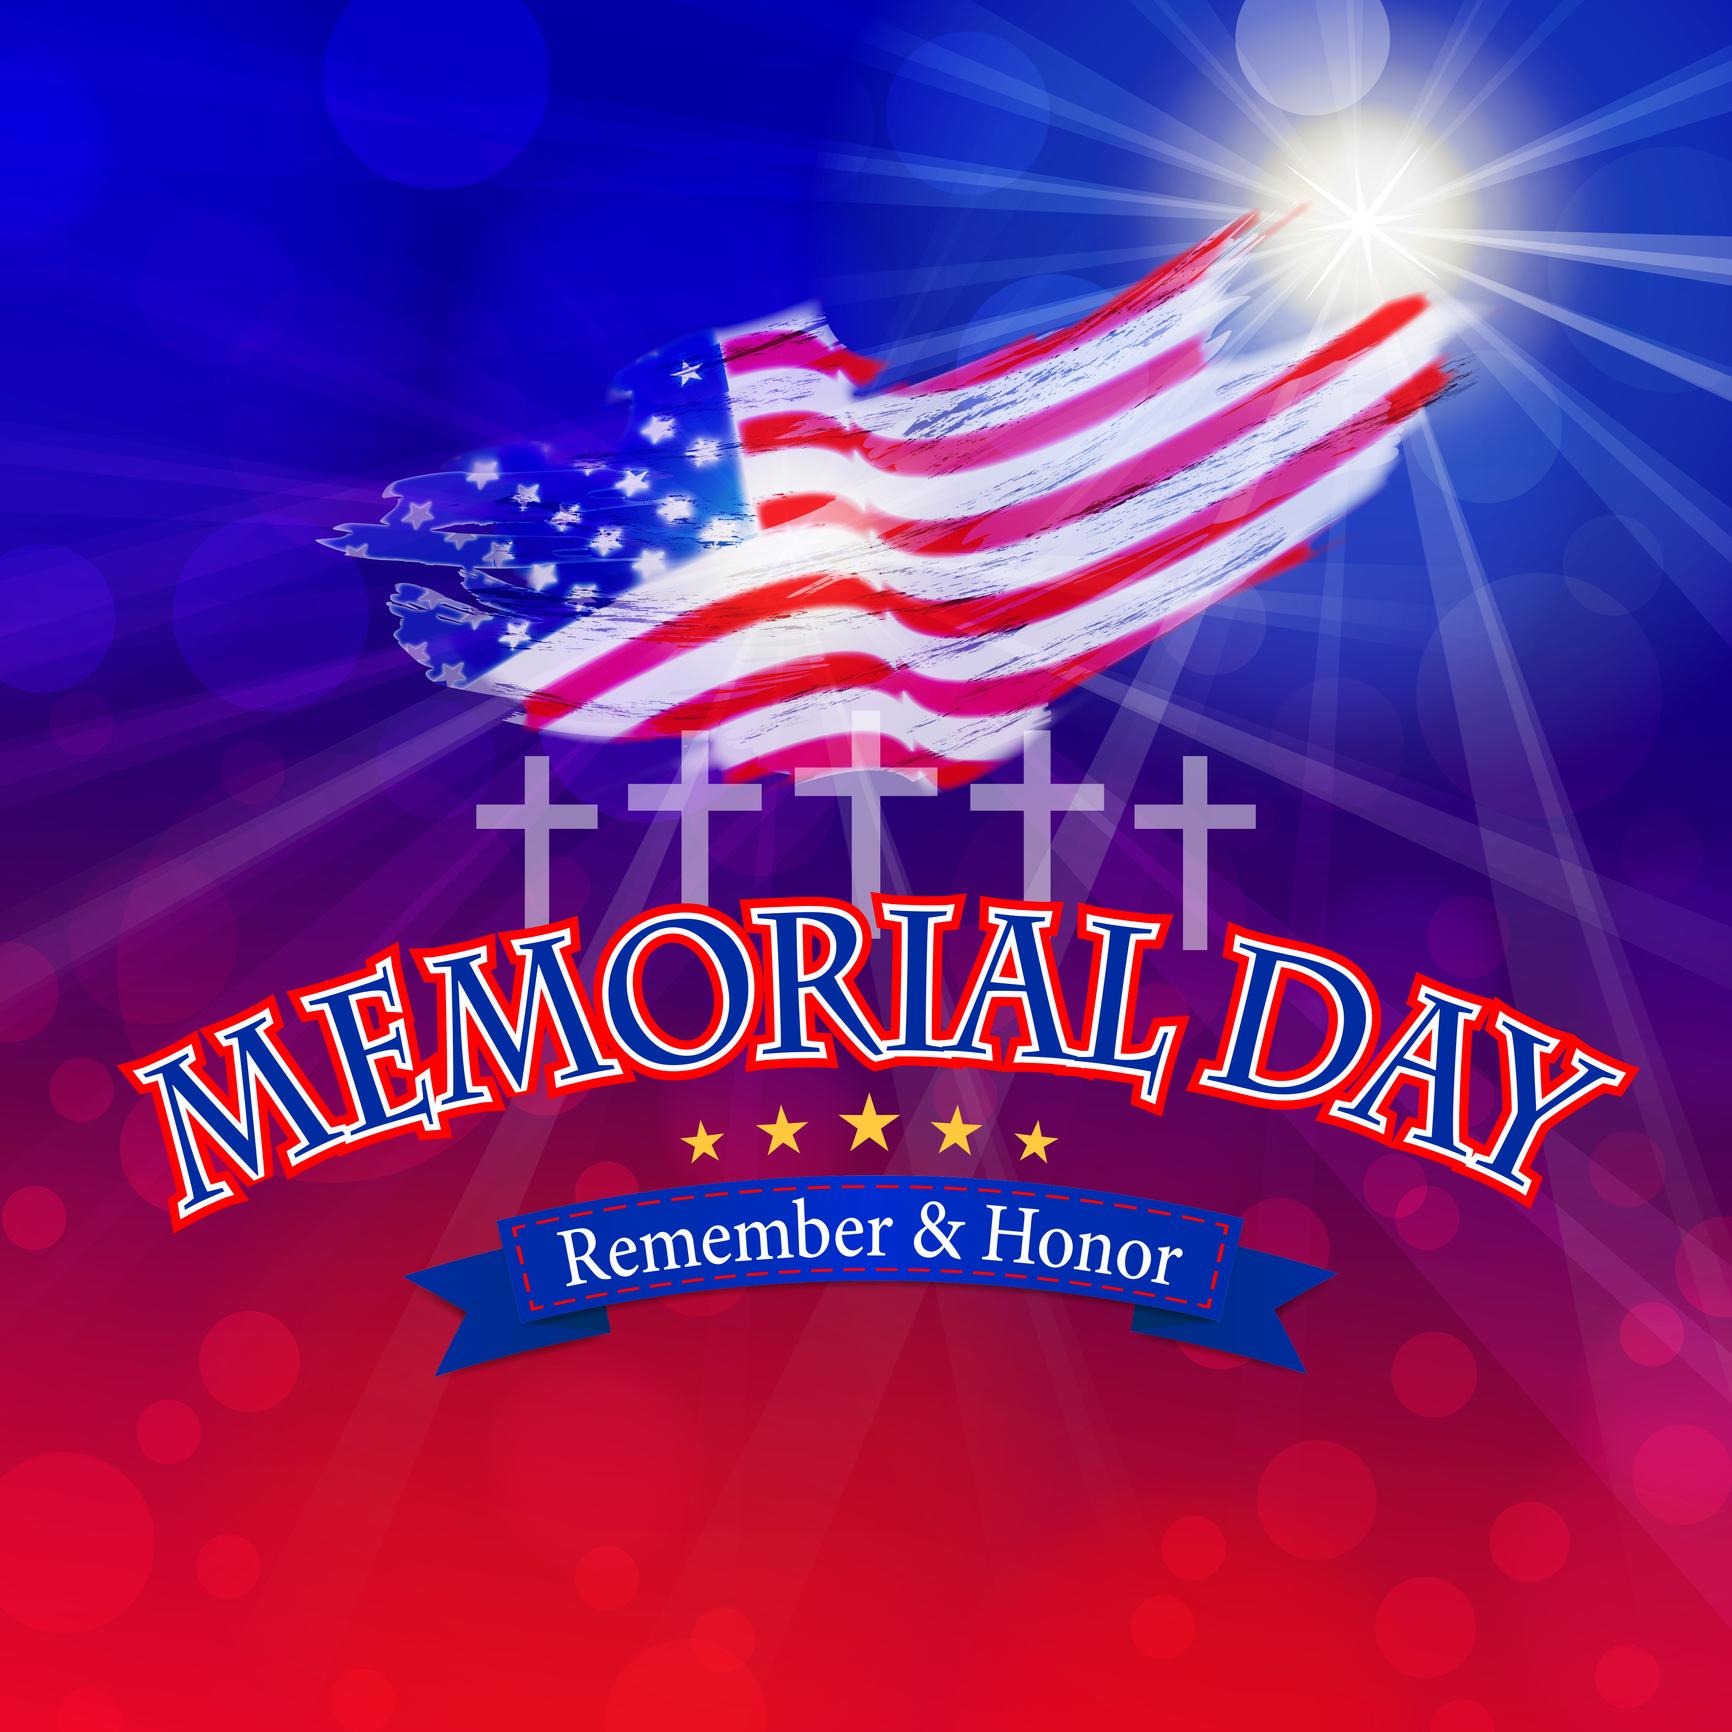 Remember & Honor Memorial Day